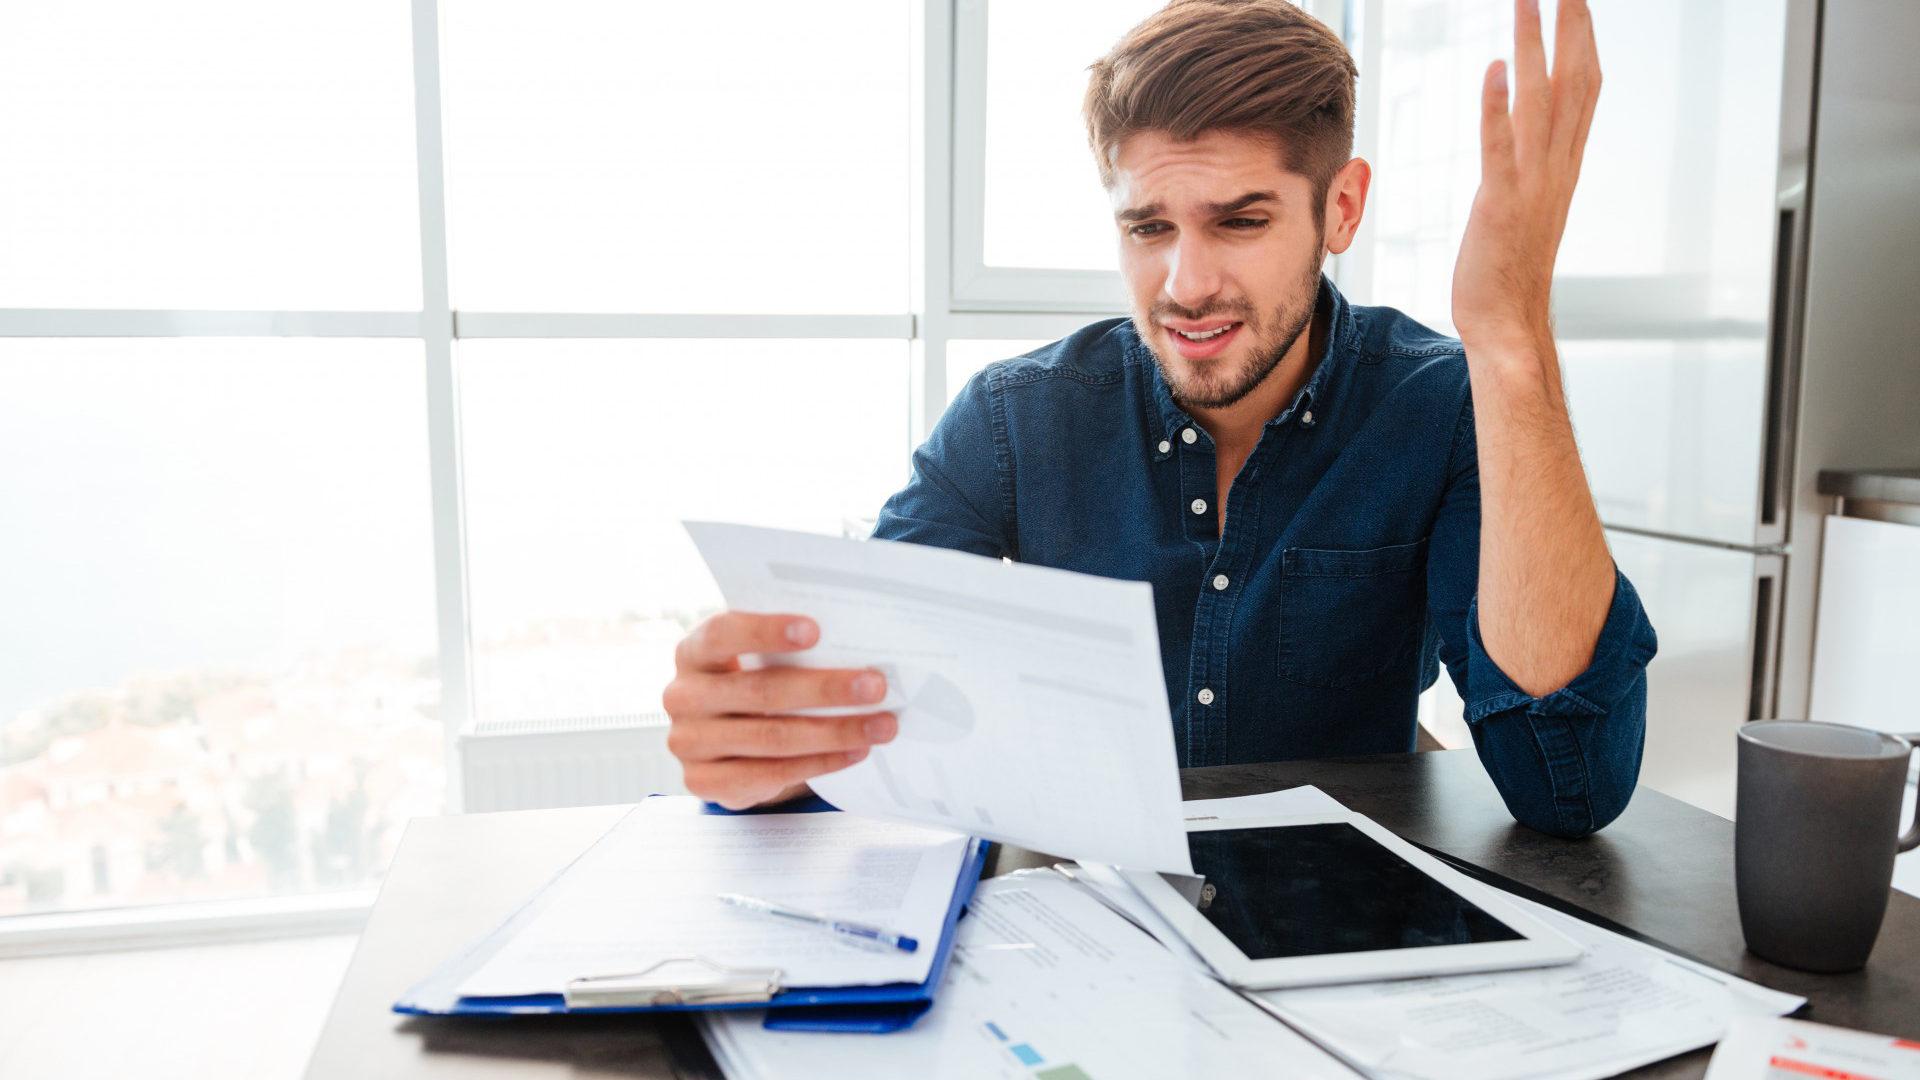 Можно ли получить кредит после банкротства?